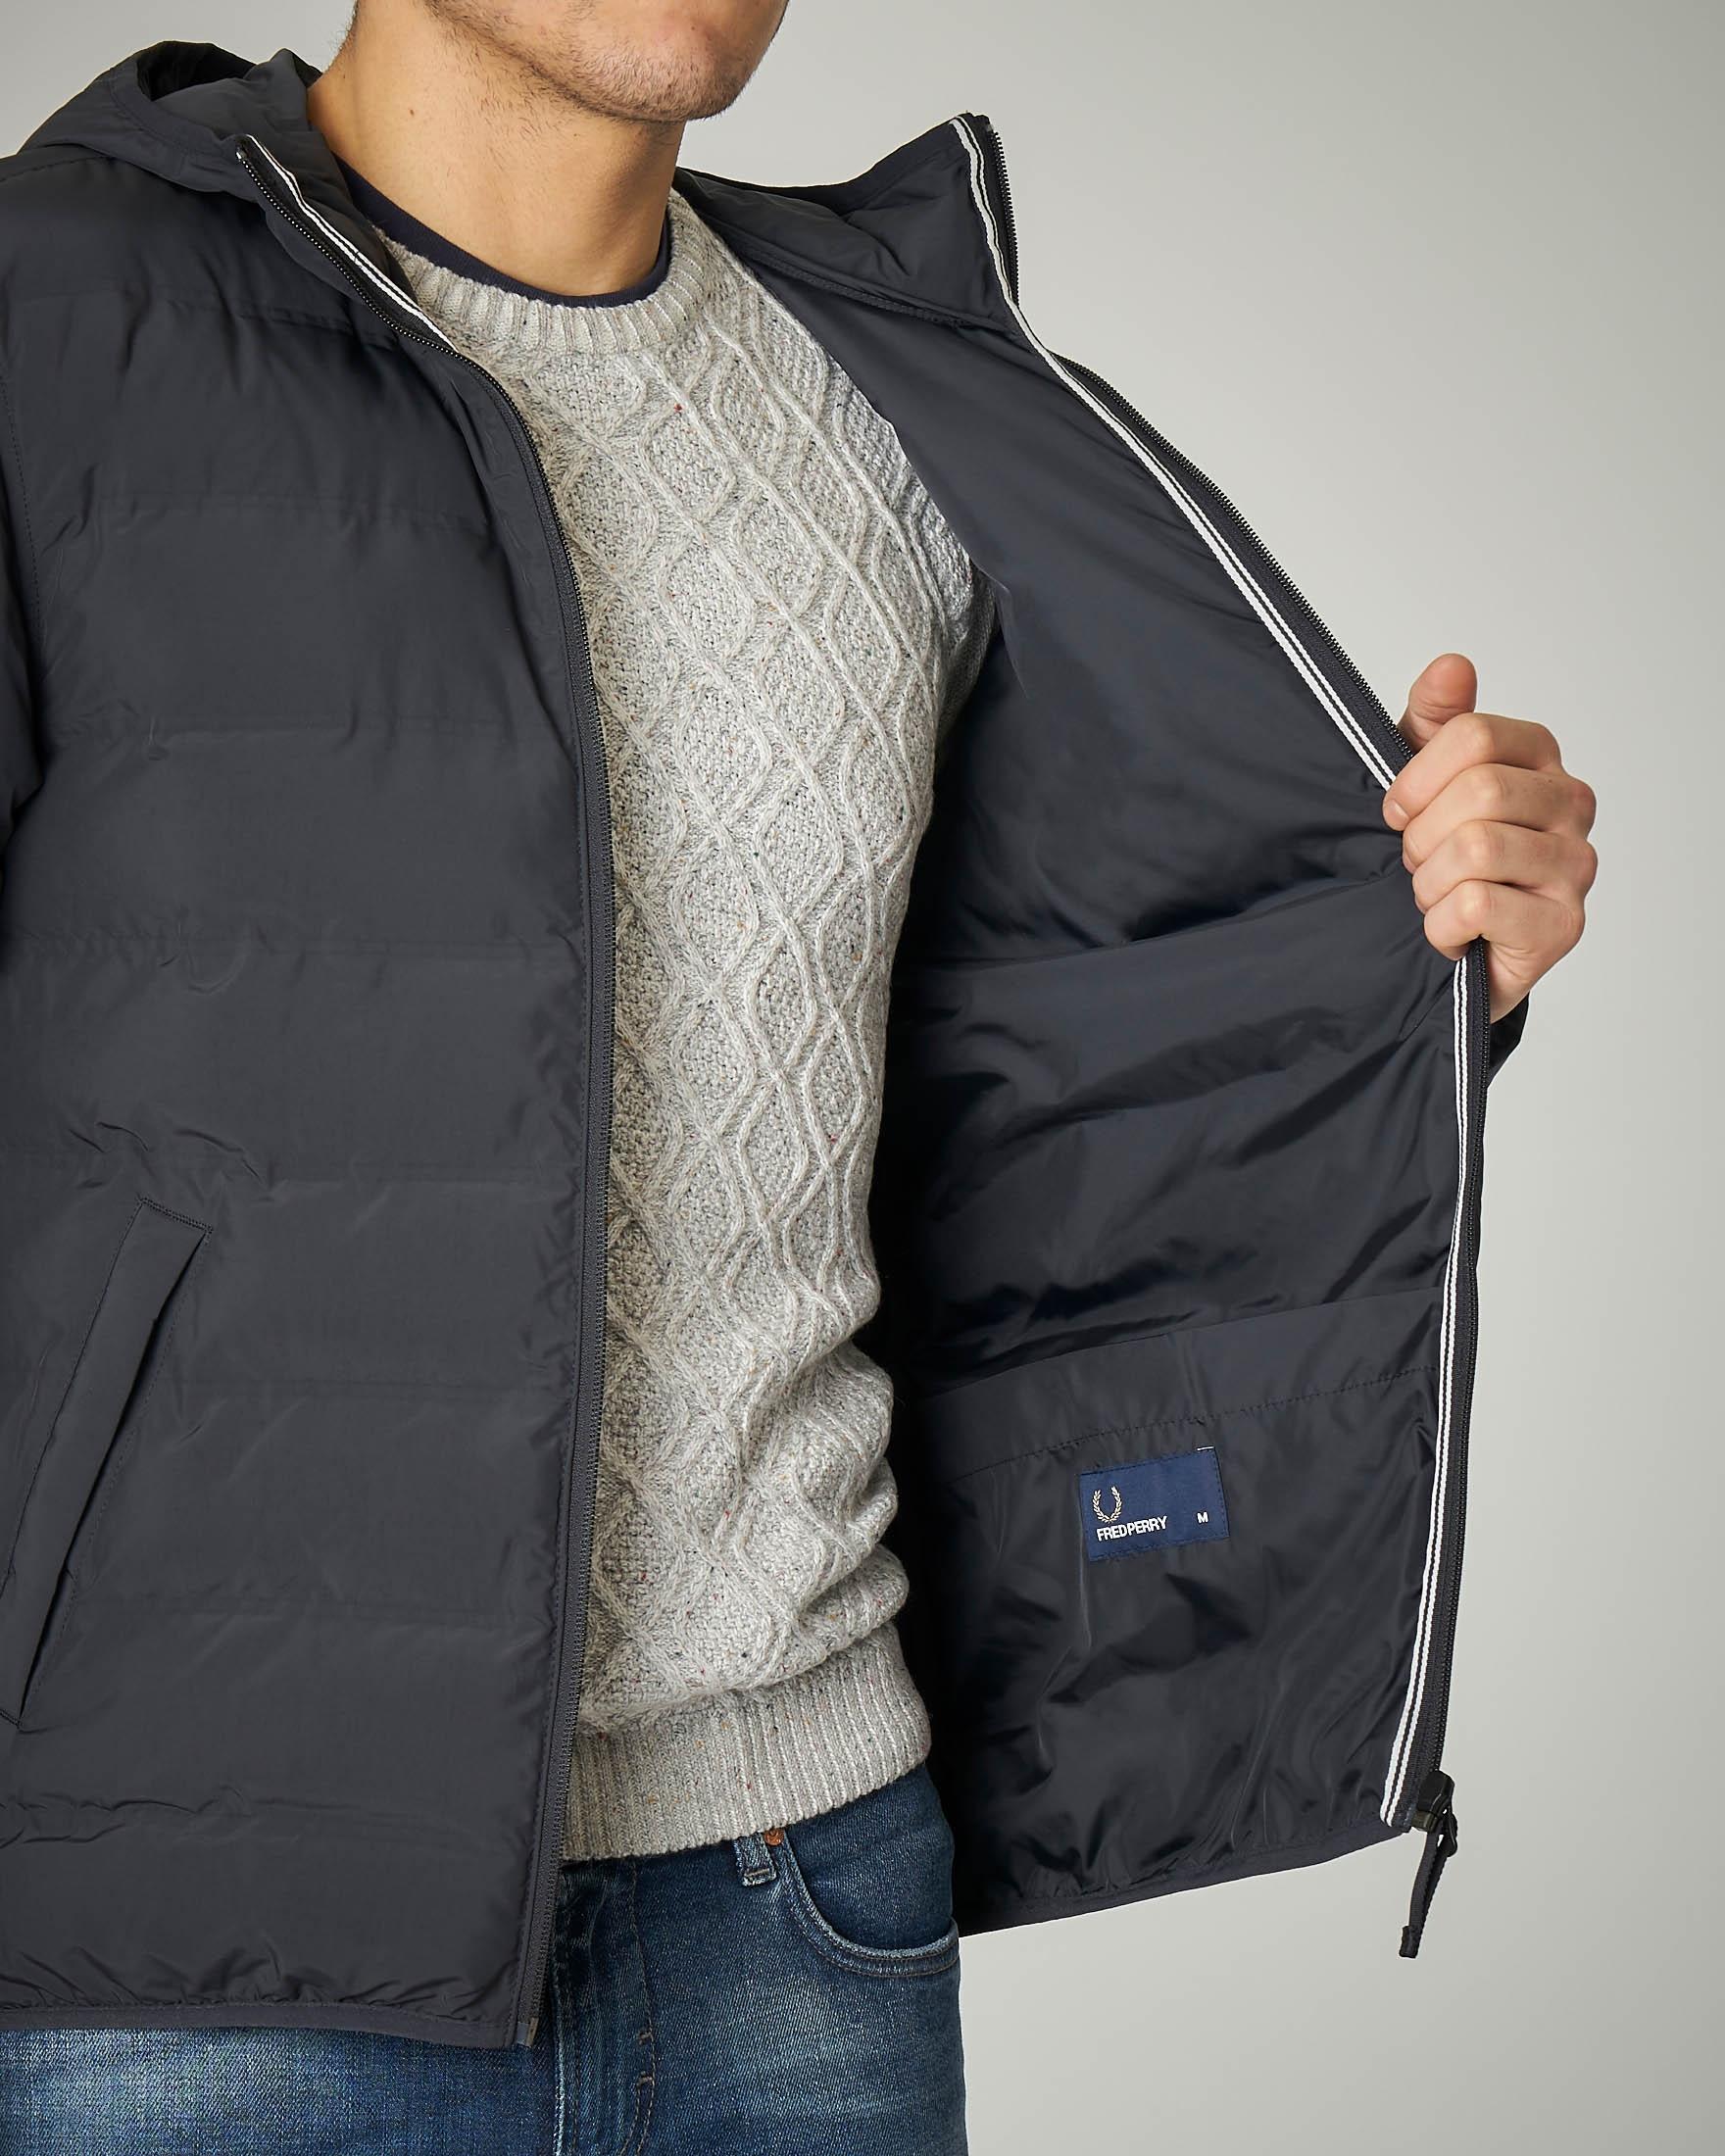 new style 53e20 f7b4d Piumino grigio scuro con cappuccio | Pellizzari E-commerce